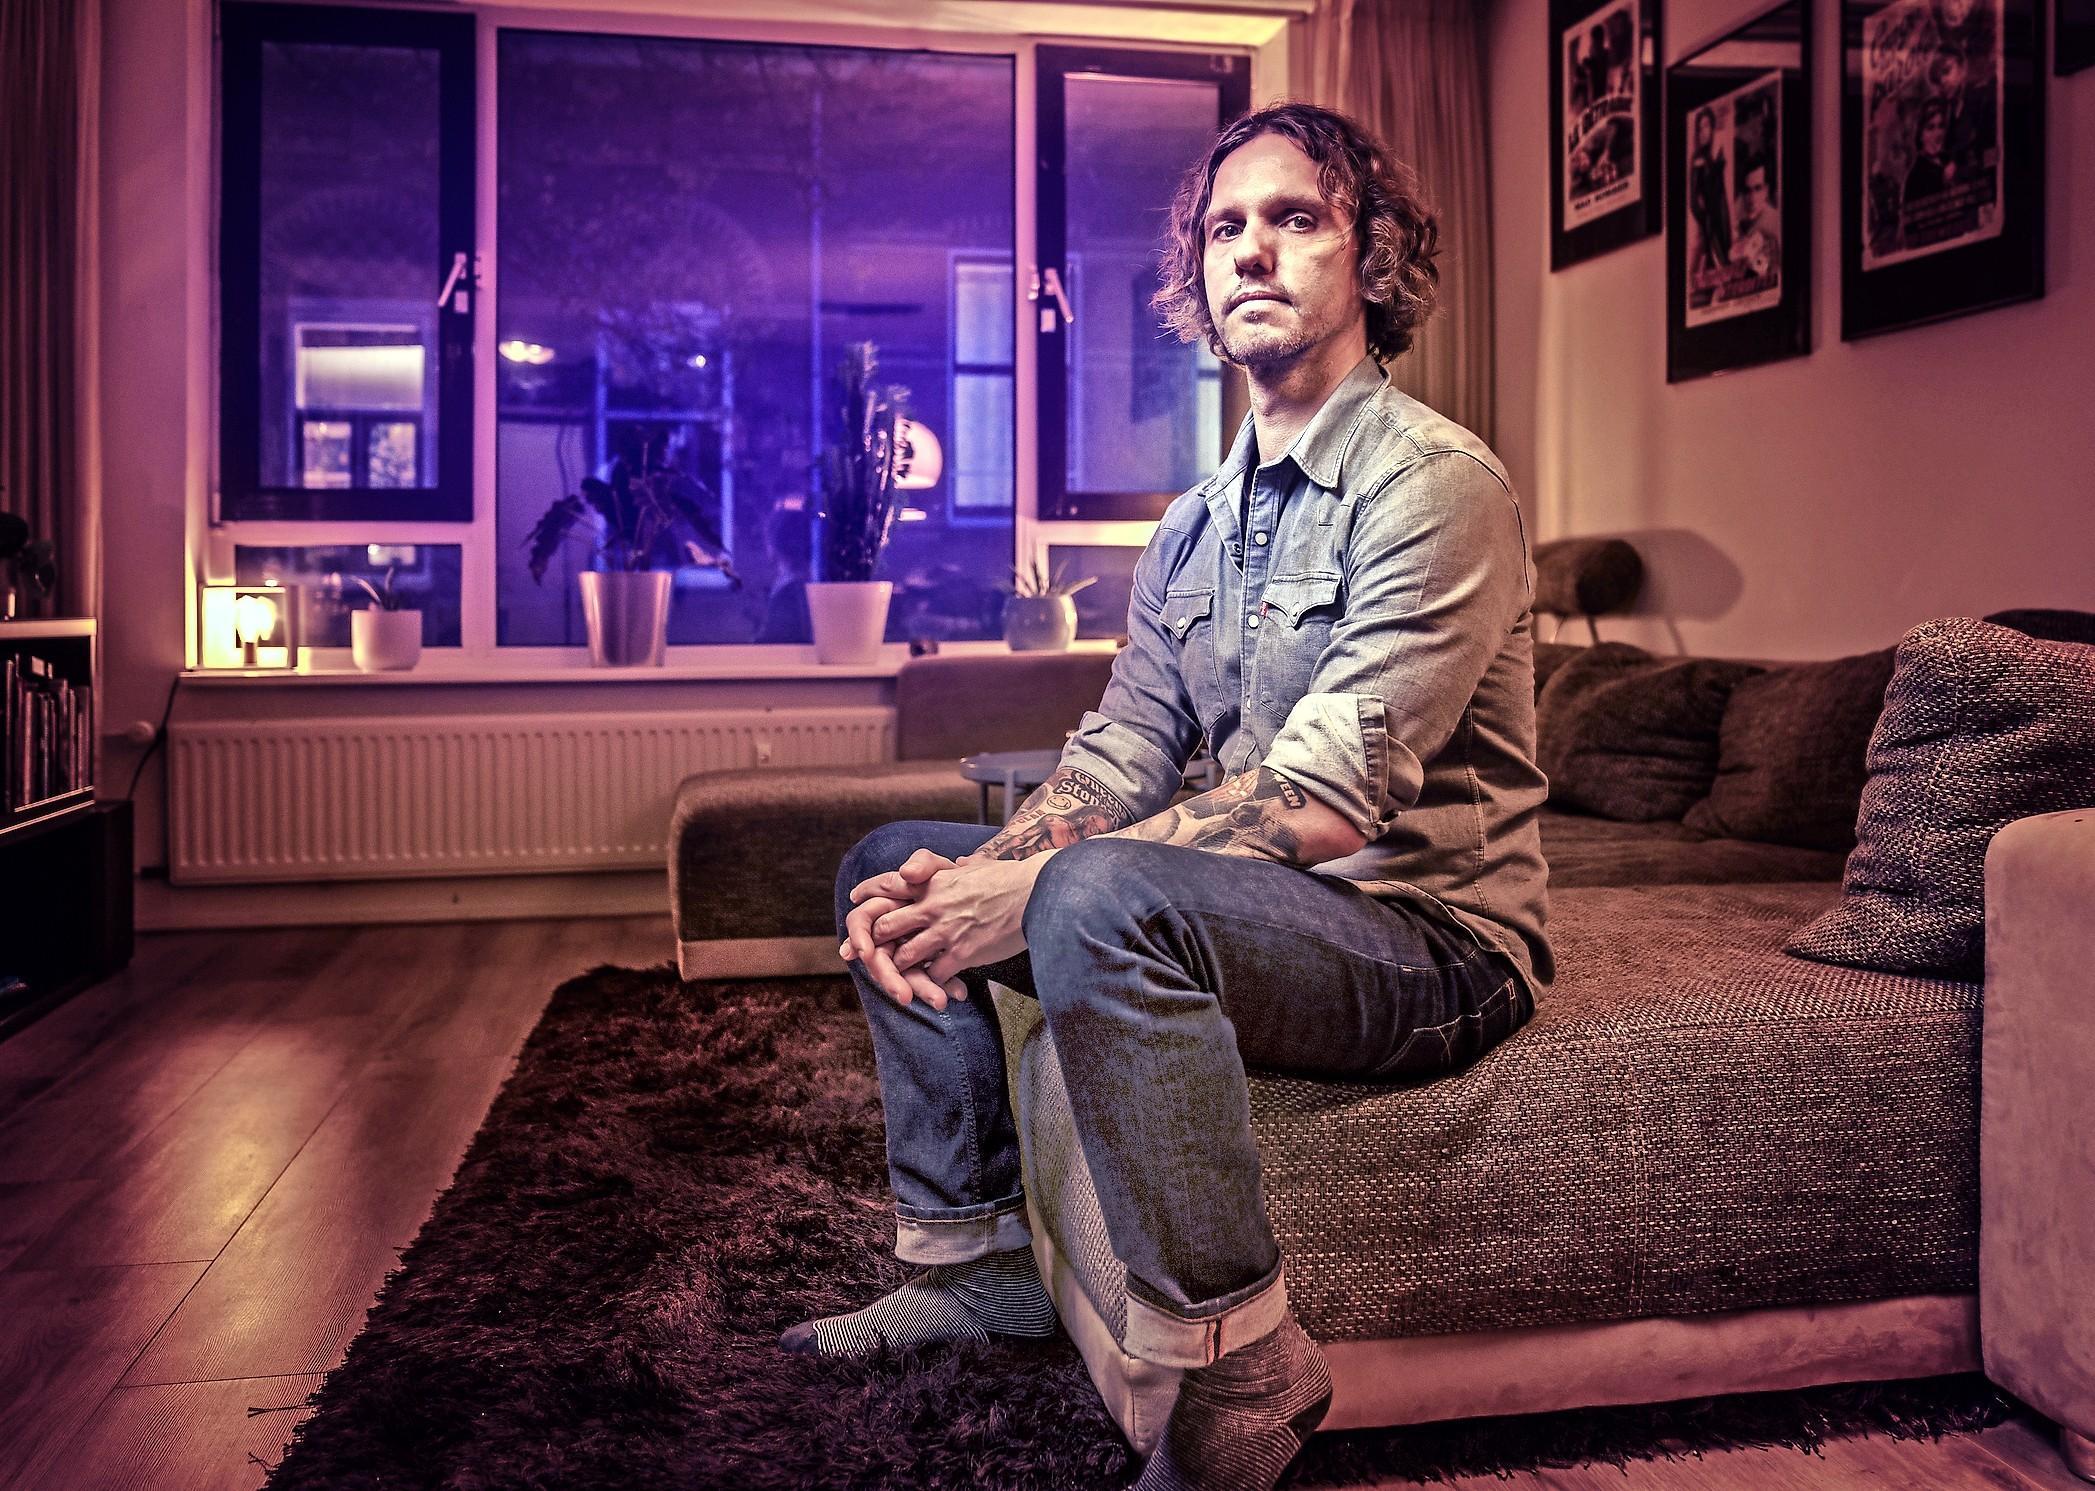 Ferry Zandvliet verloor vijf jaar geleden bij terreuraanslag in Bataclan al zijn angsten: 'De scherpe randjes zijn van mijn karakter af'